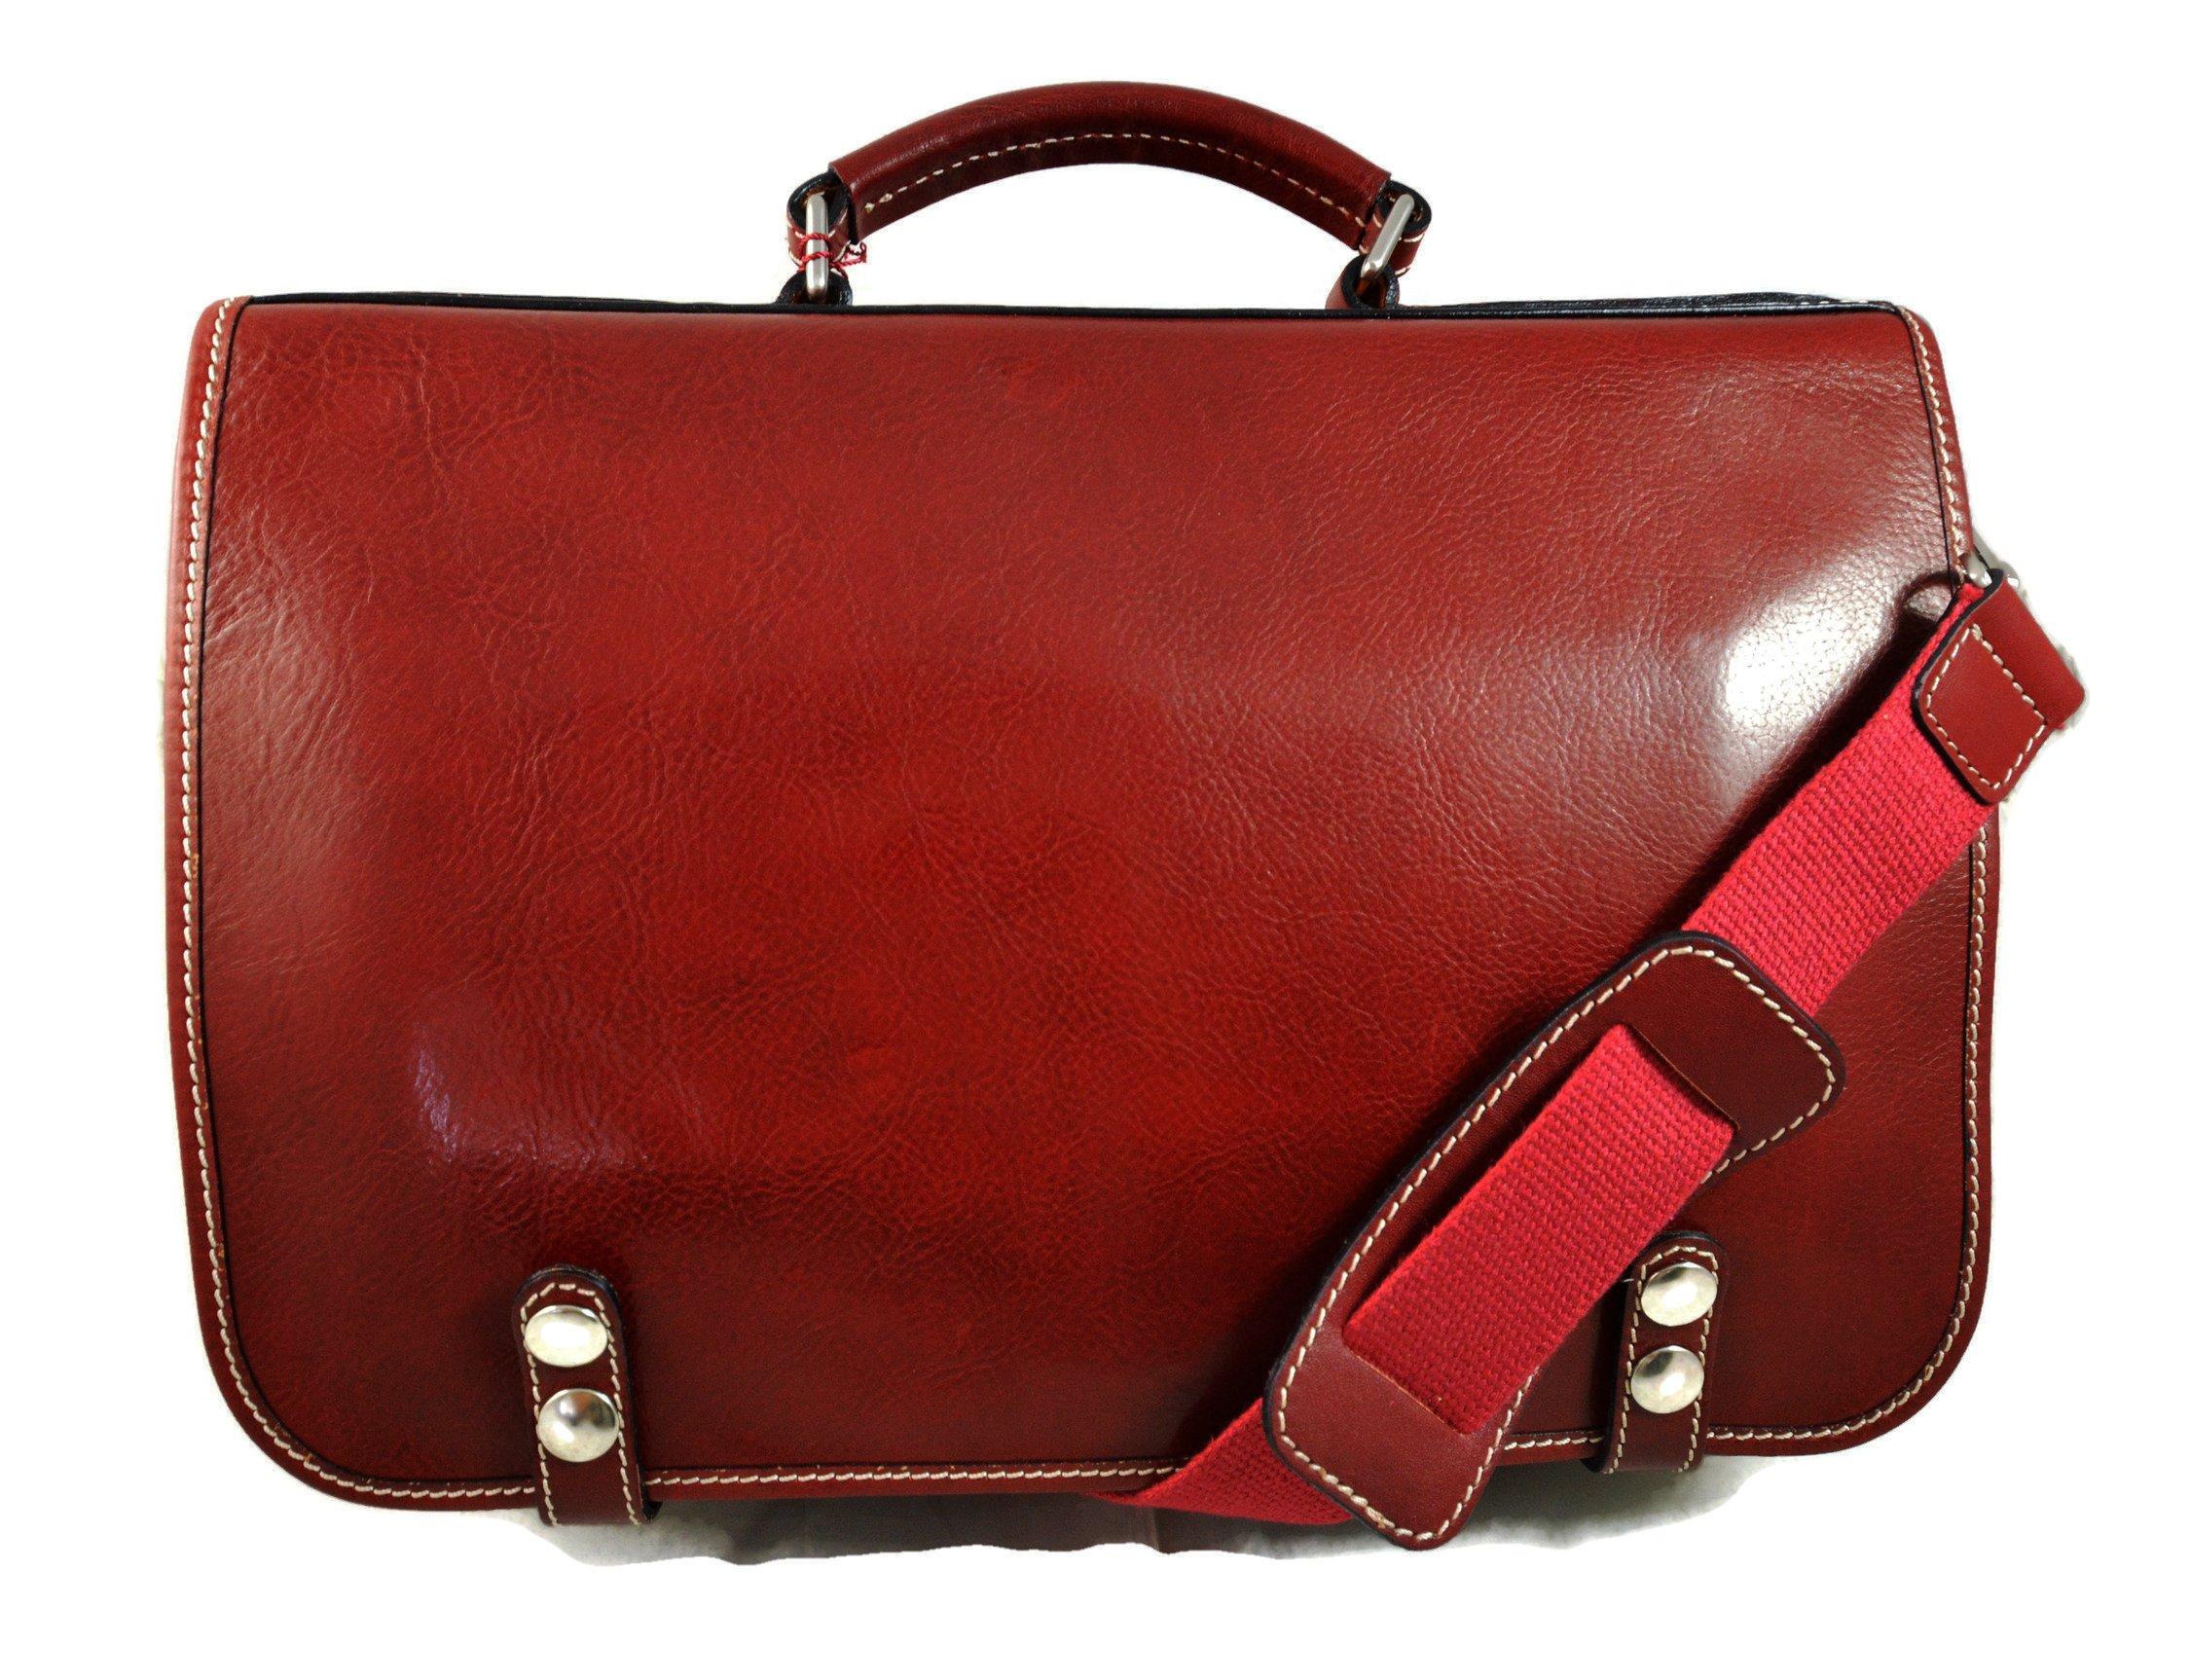 Leather shoulder bag messenger rigid bag ladies mens handbag leatherbag satchel carry on red crossbody business executive bag